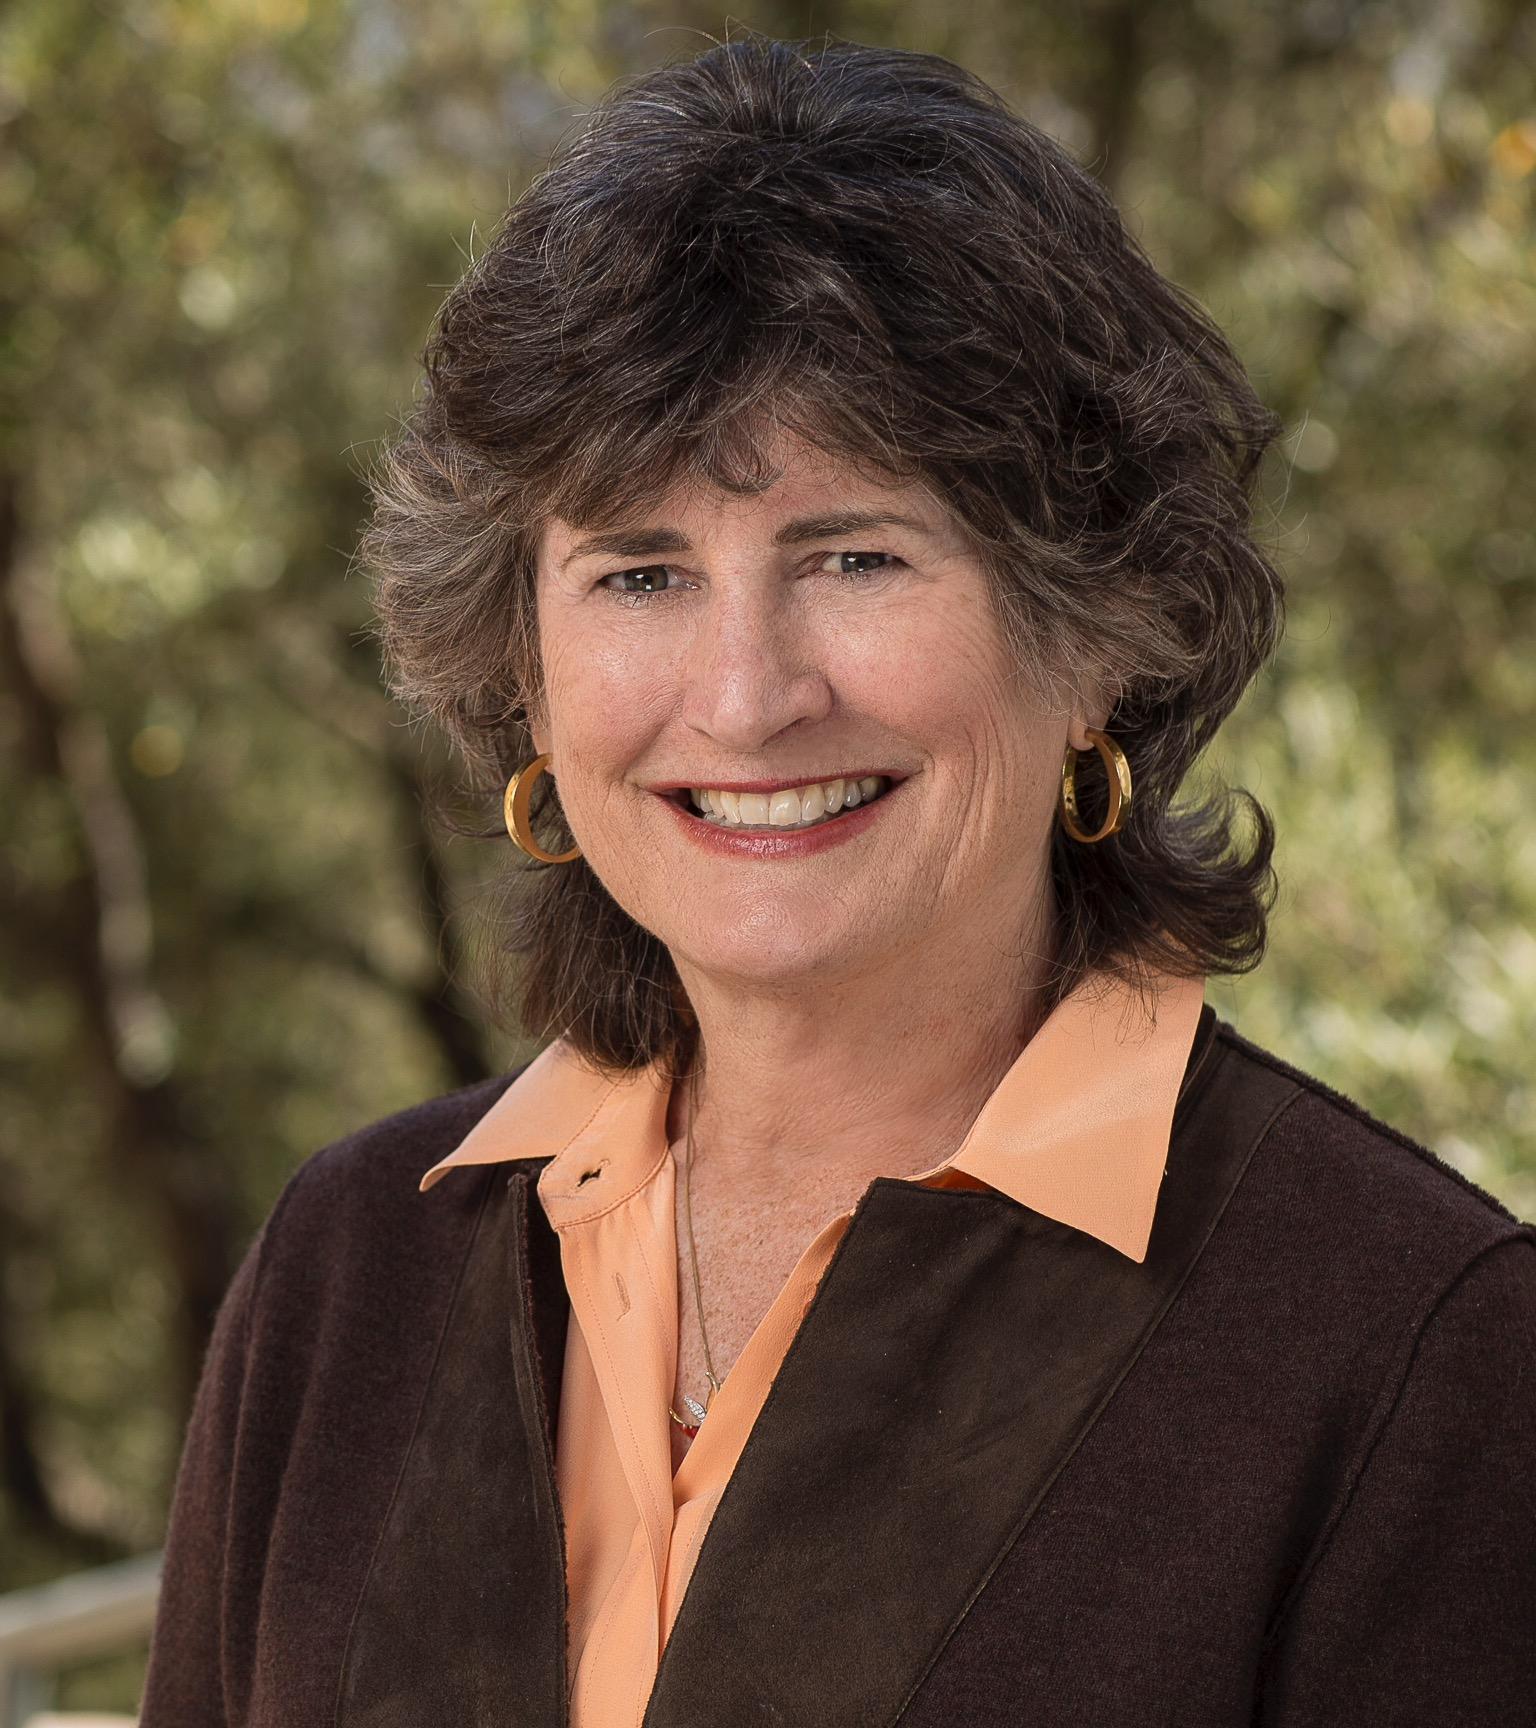 Rose Ann Woolpert's story